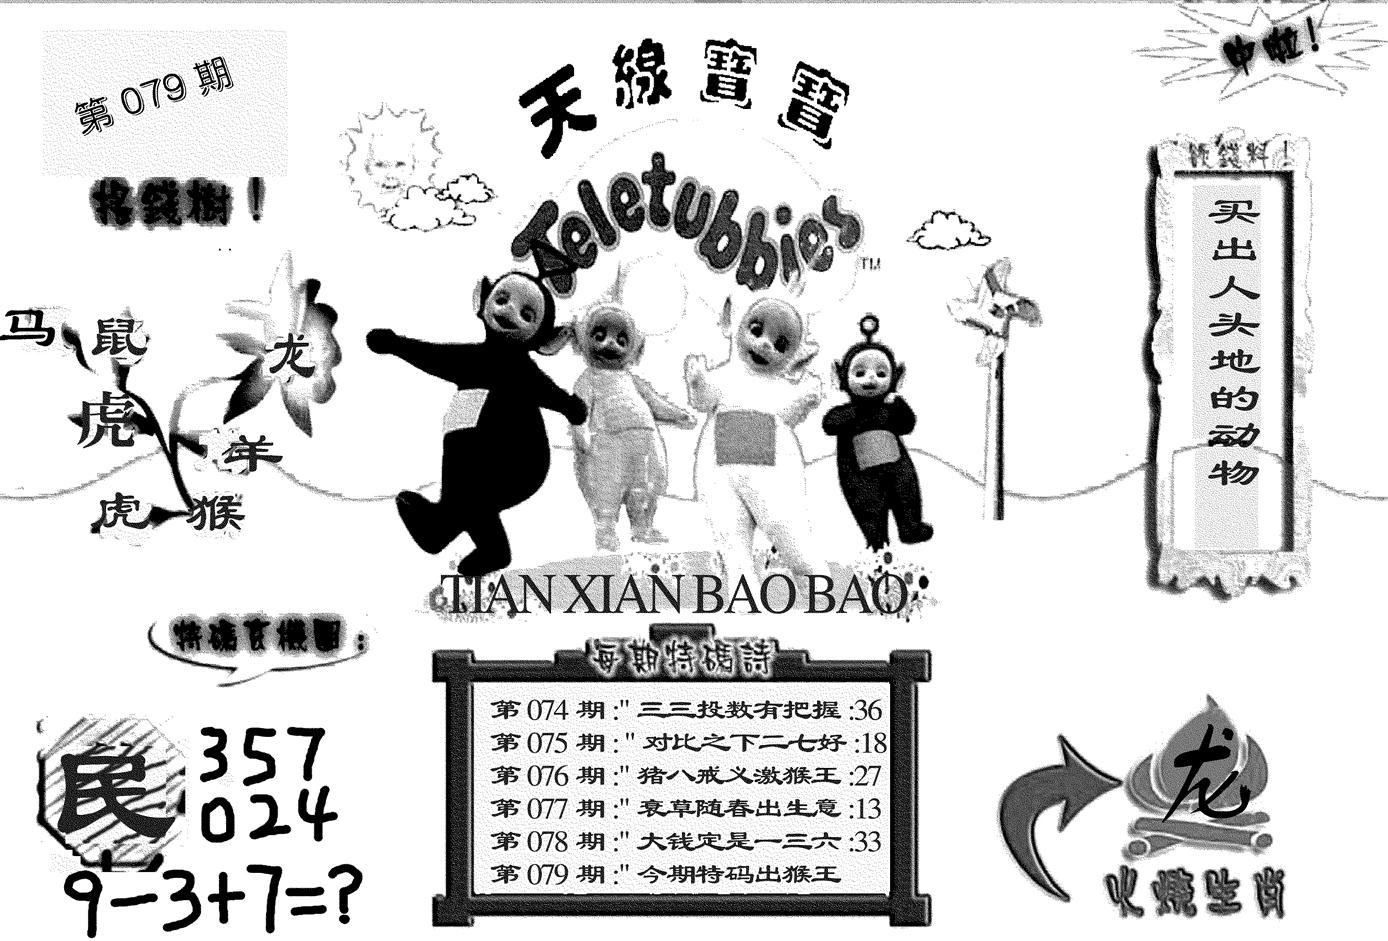 079期天线宝宝(黑白)(黑白)